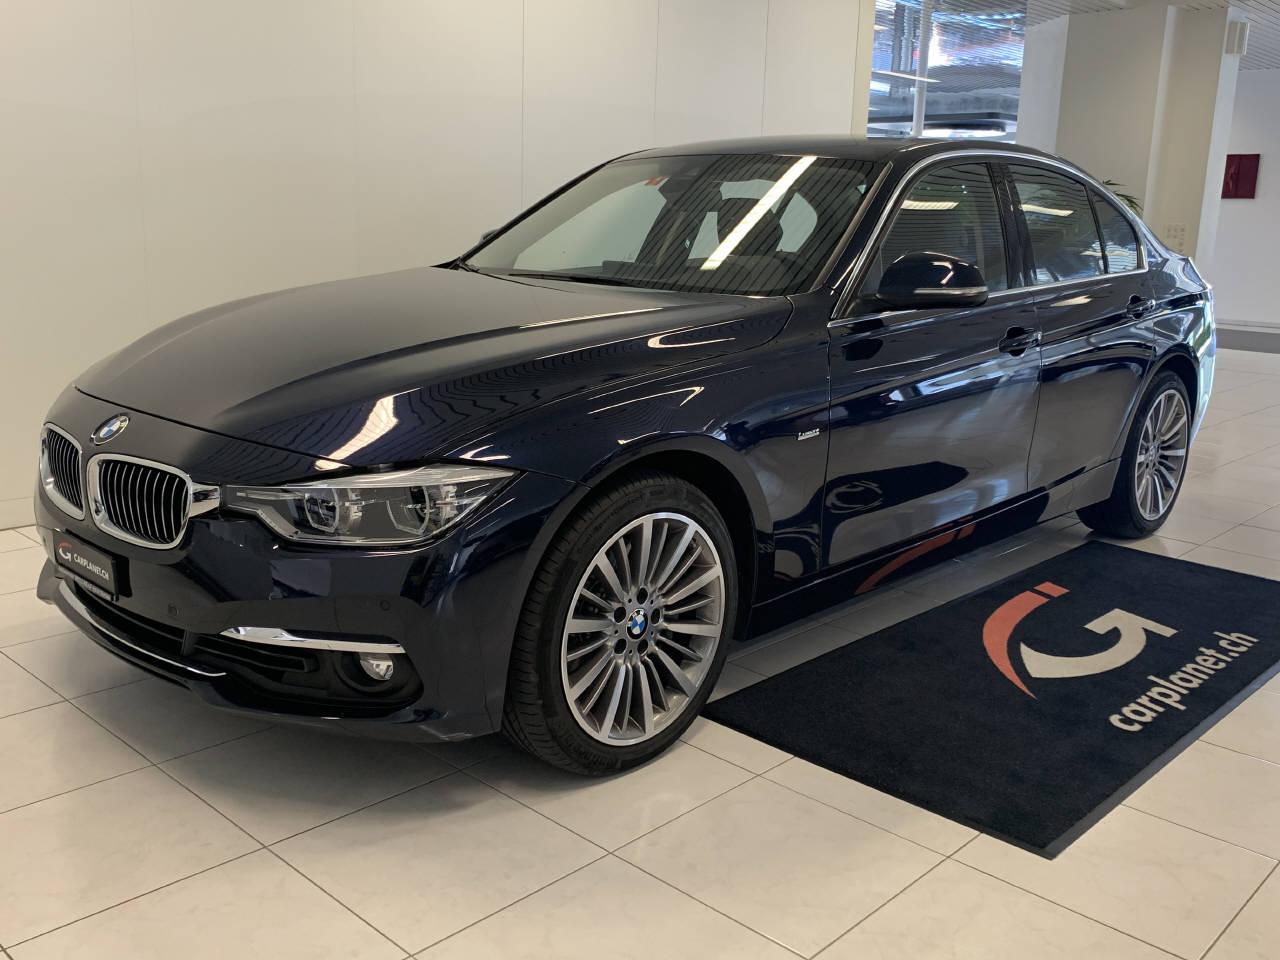 saloon BMW 3er Reihe F30 340i xDrive SAG